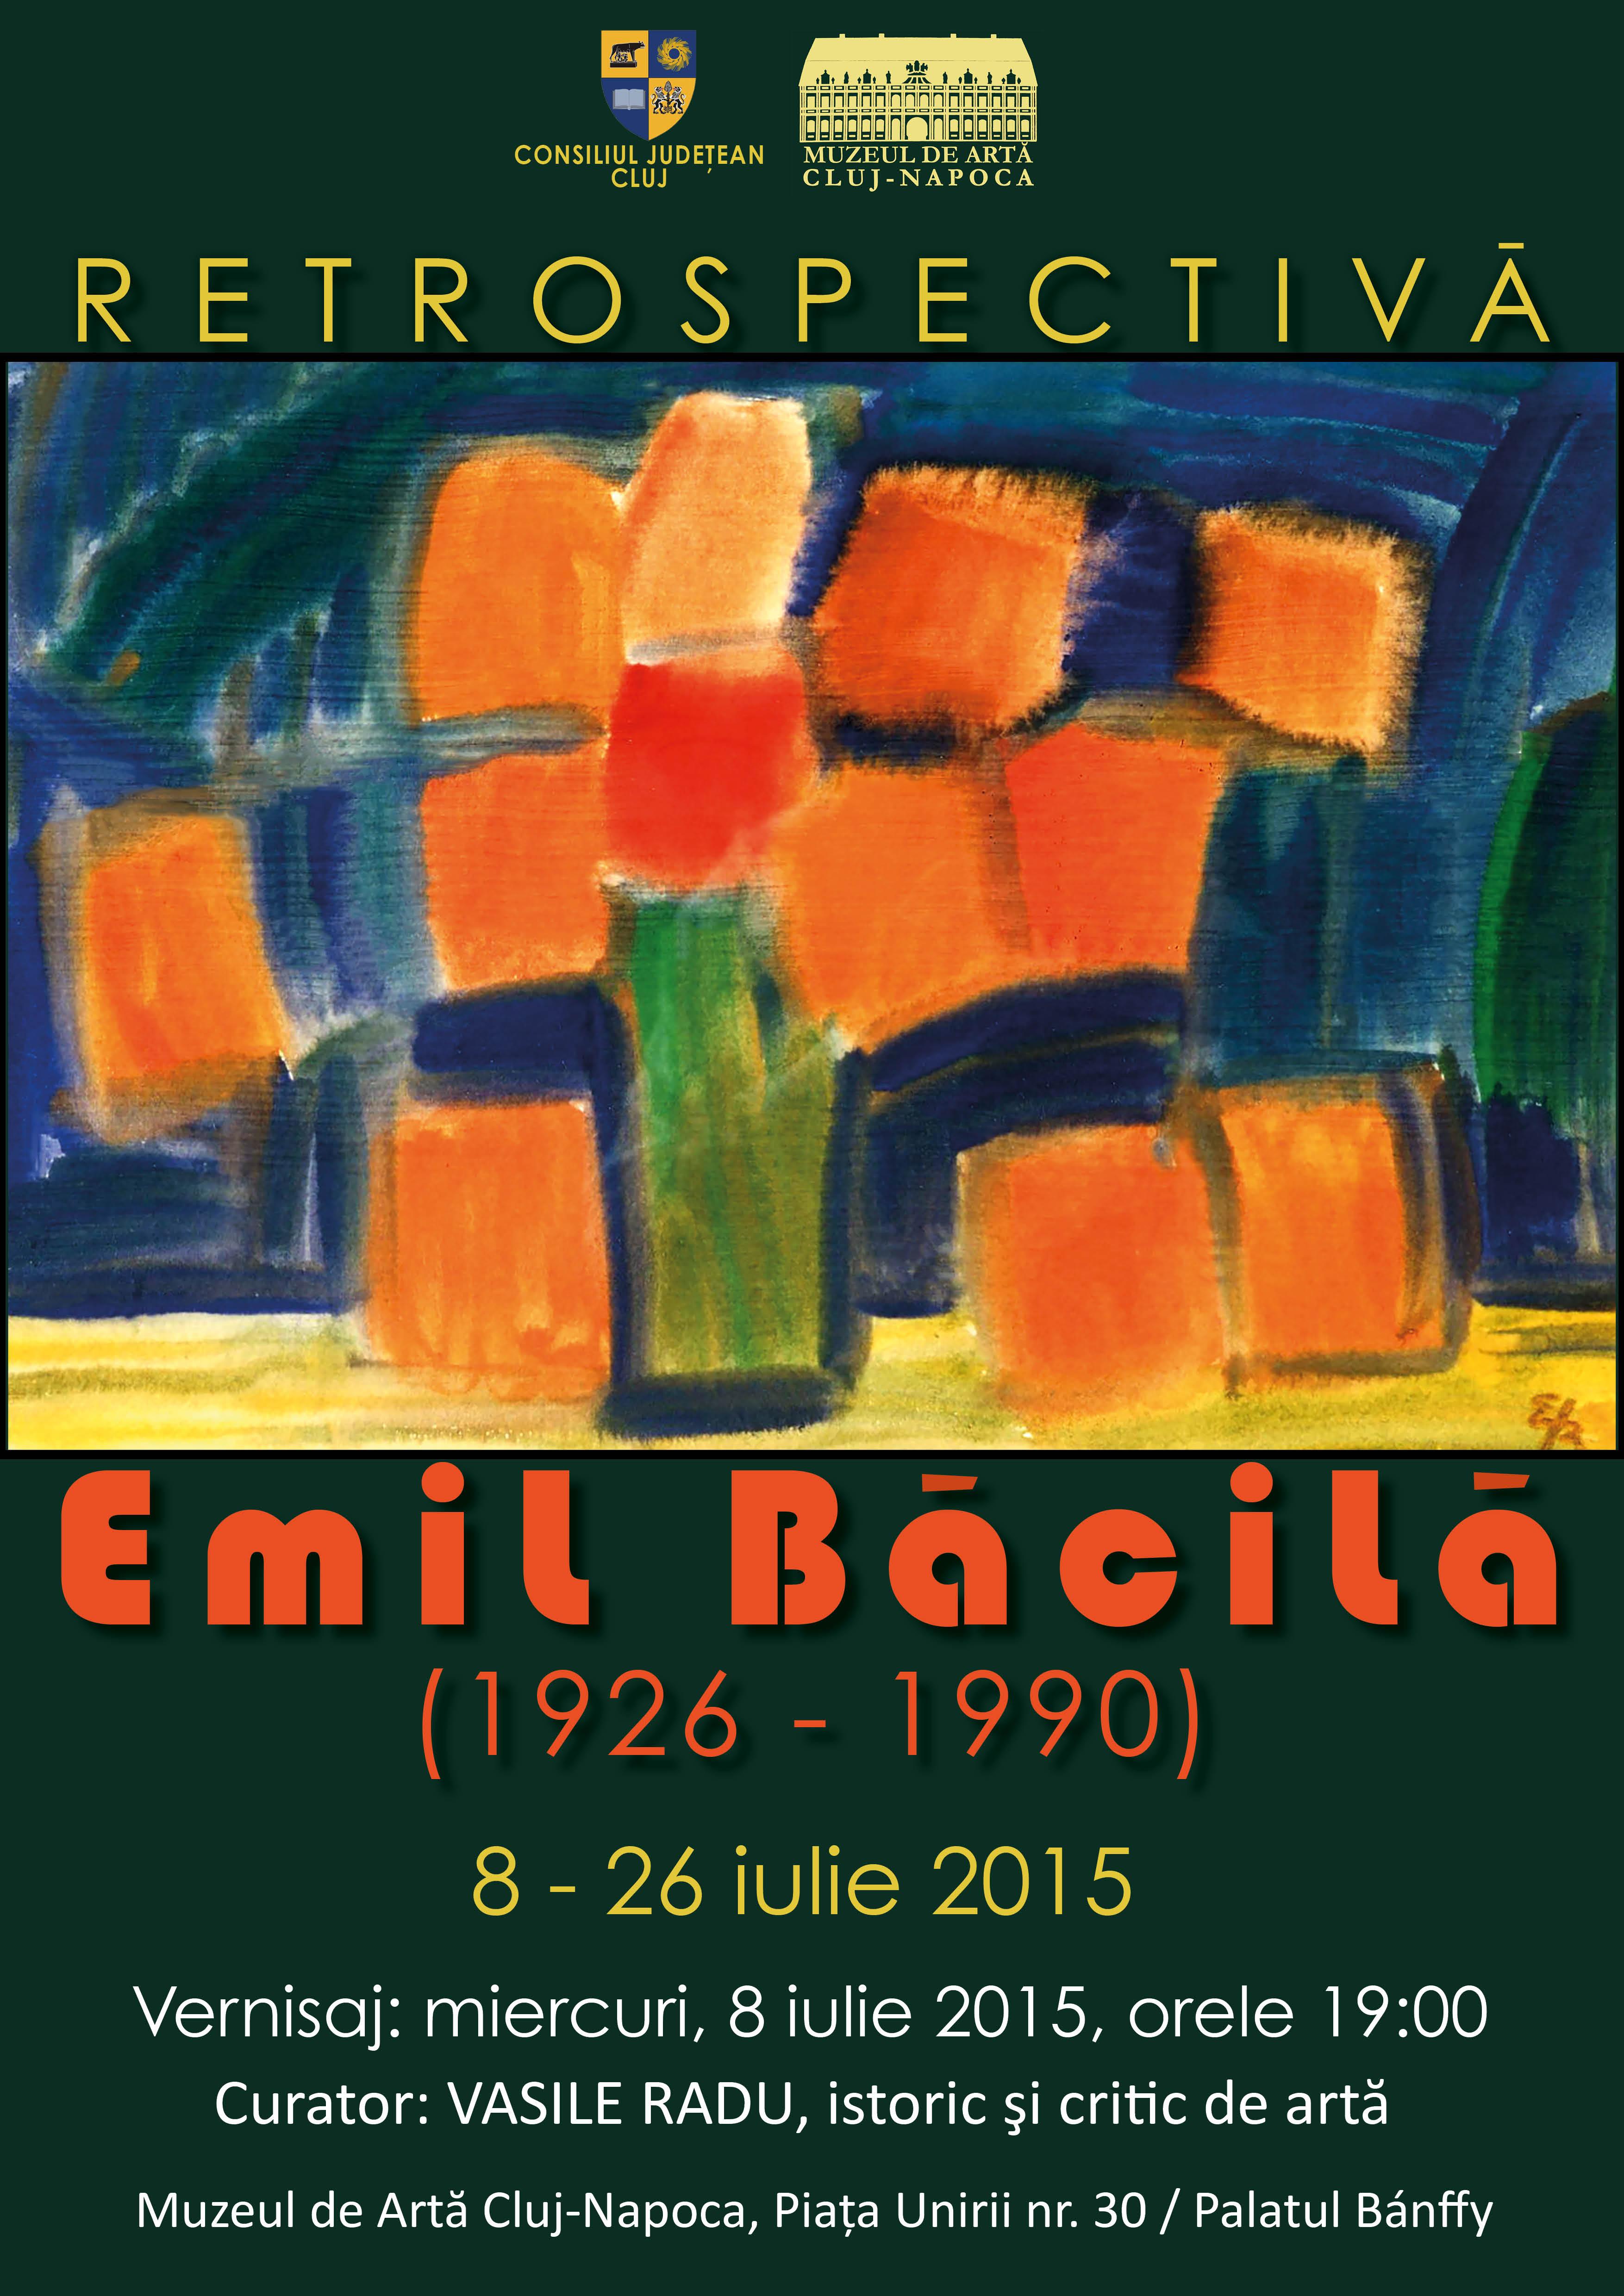 RETROSPECTIVĂ EMIL BĂCILĂ @ Muzeul de Artă Cluj-Napoca